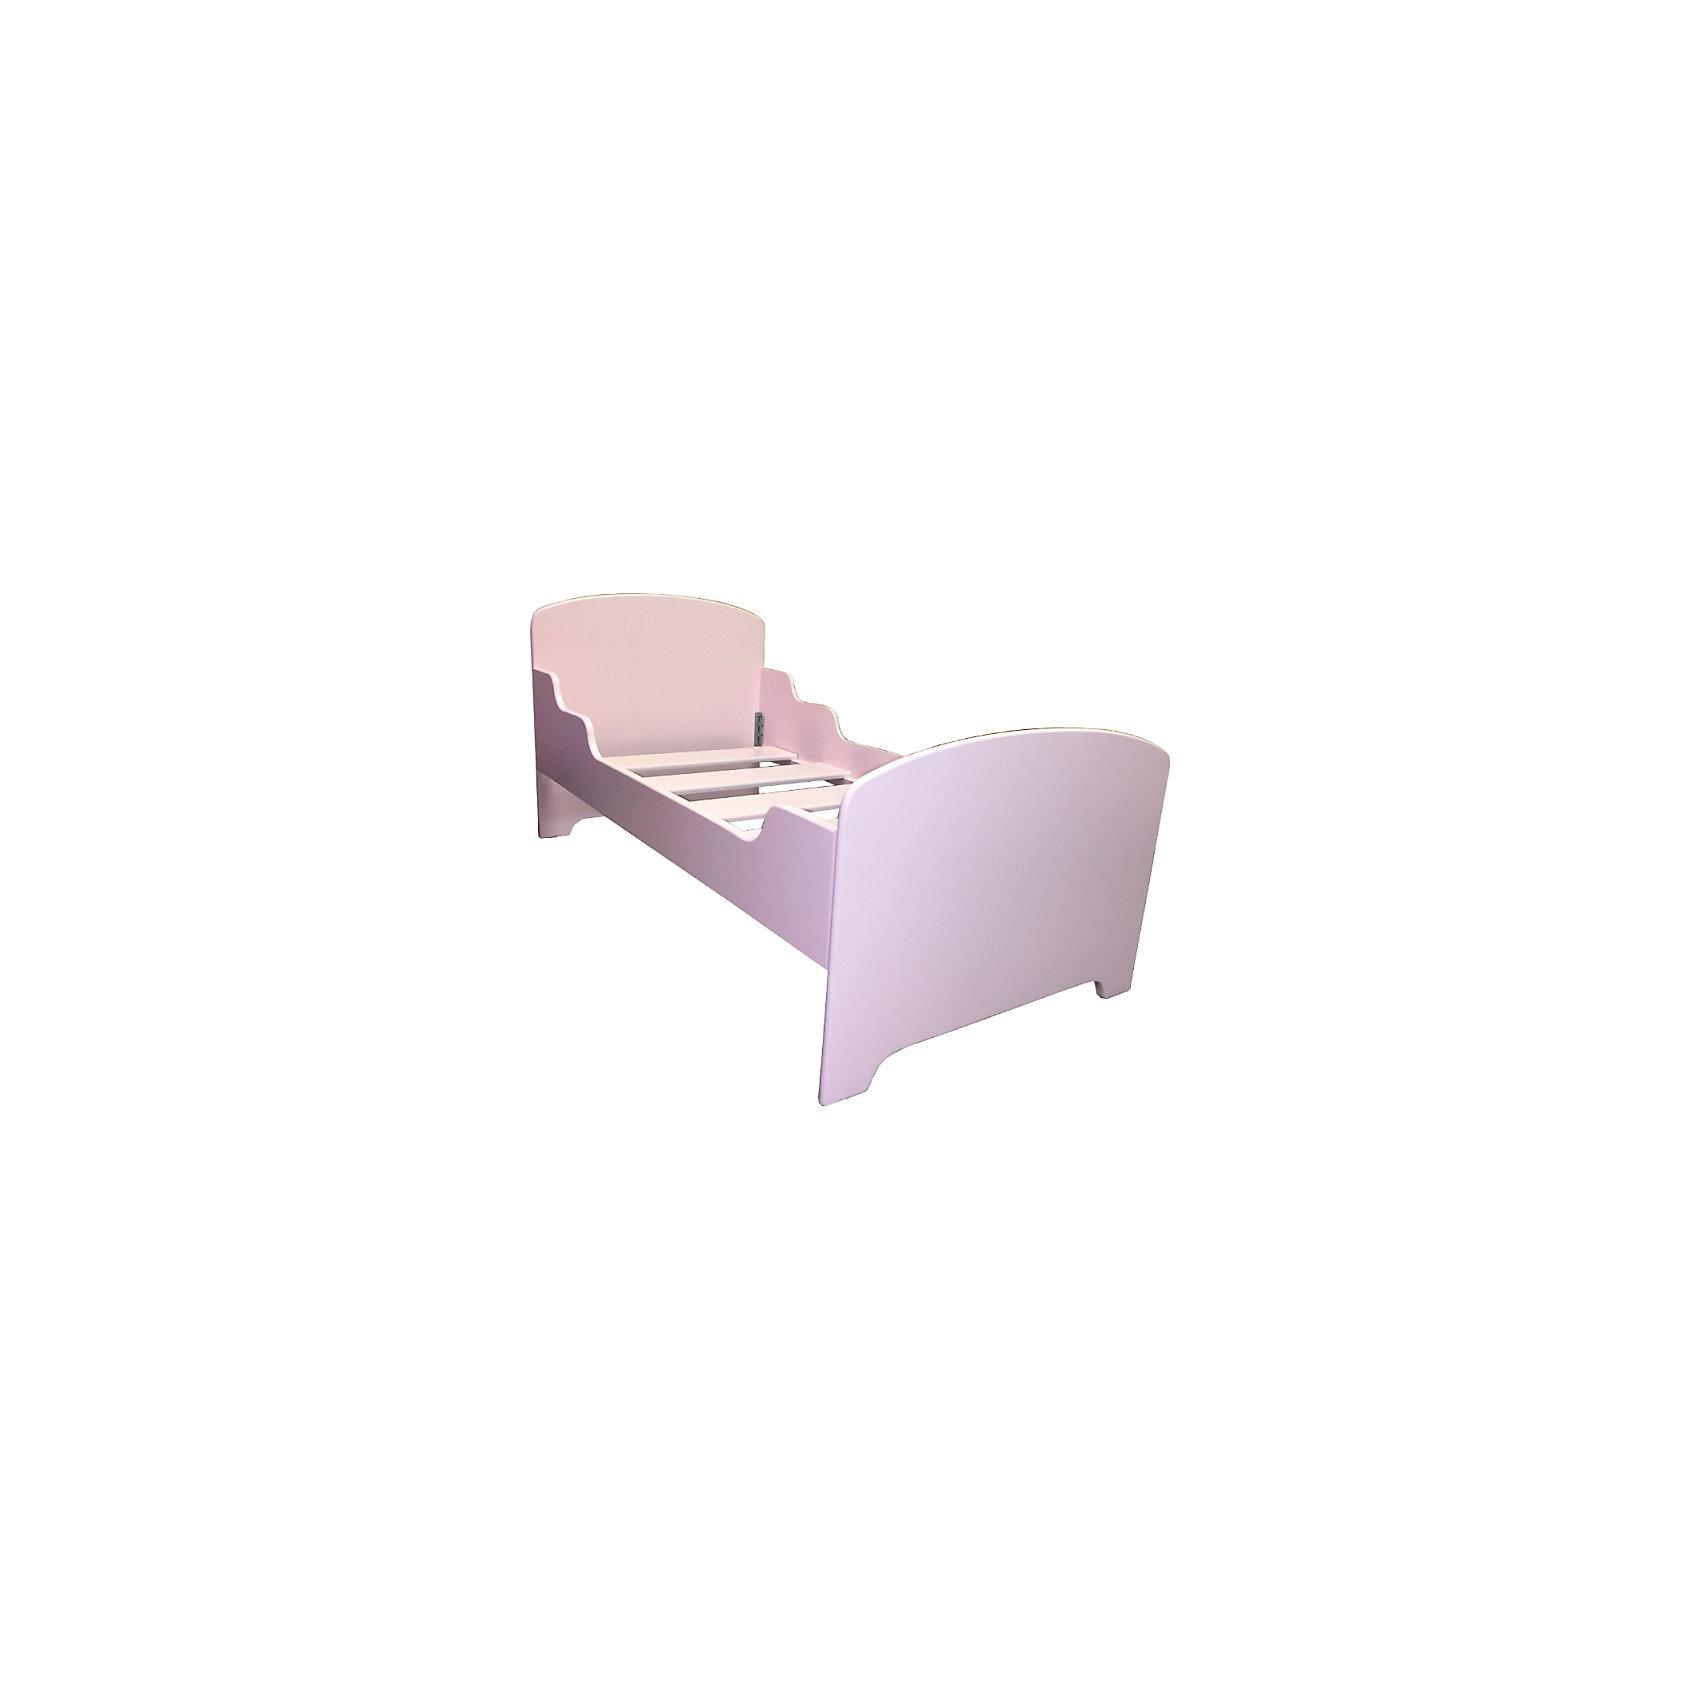 РусЭкоМебель Кровать подростковая 160 х 80 , Русэкомебель, розовый